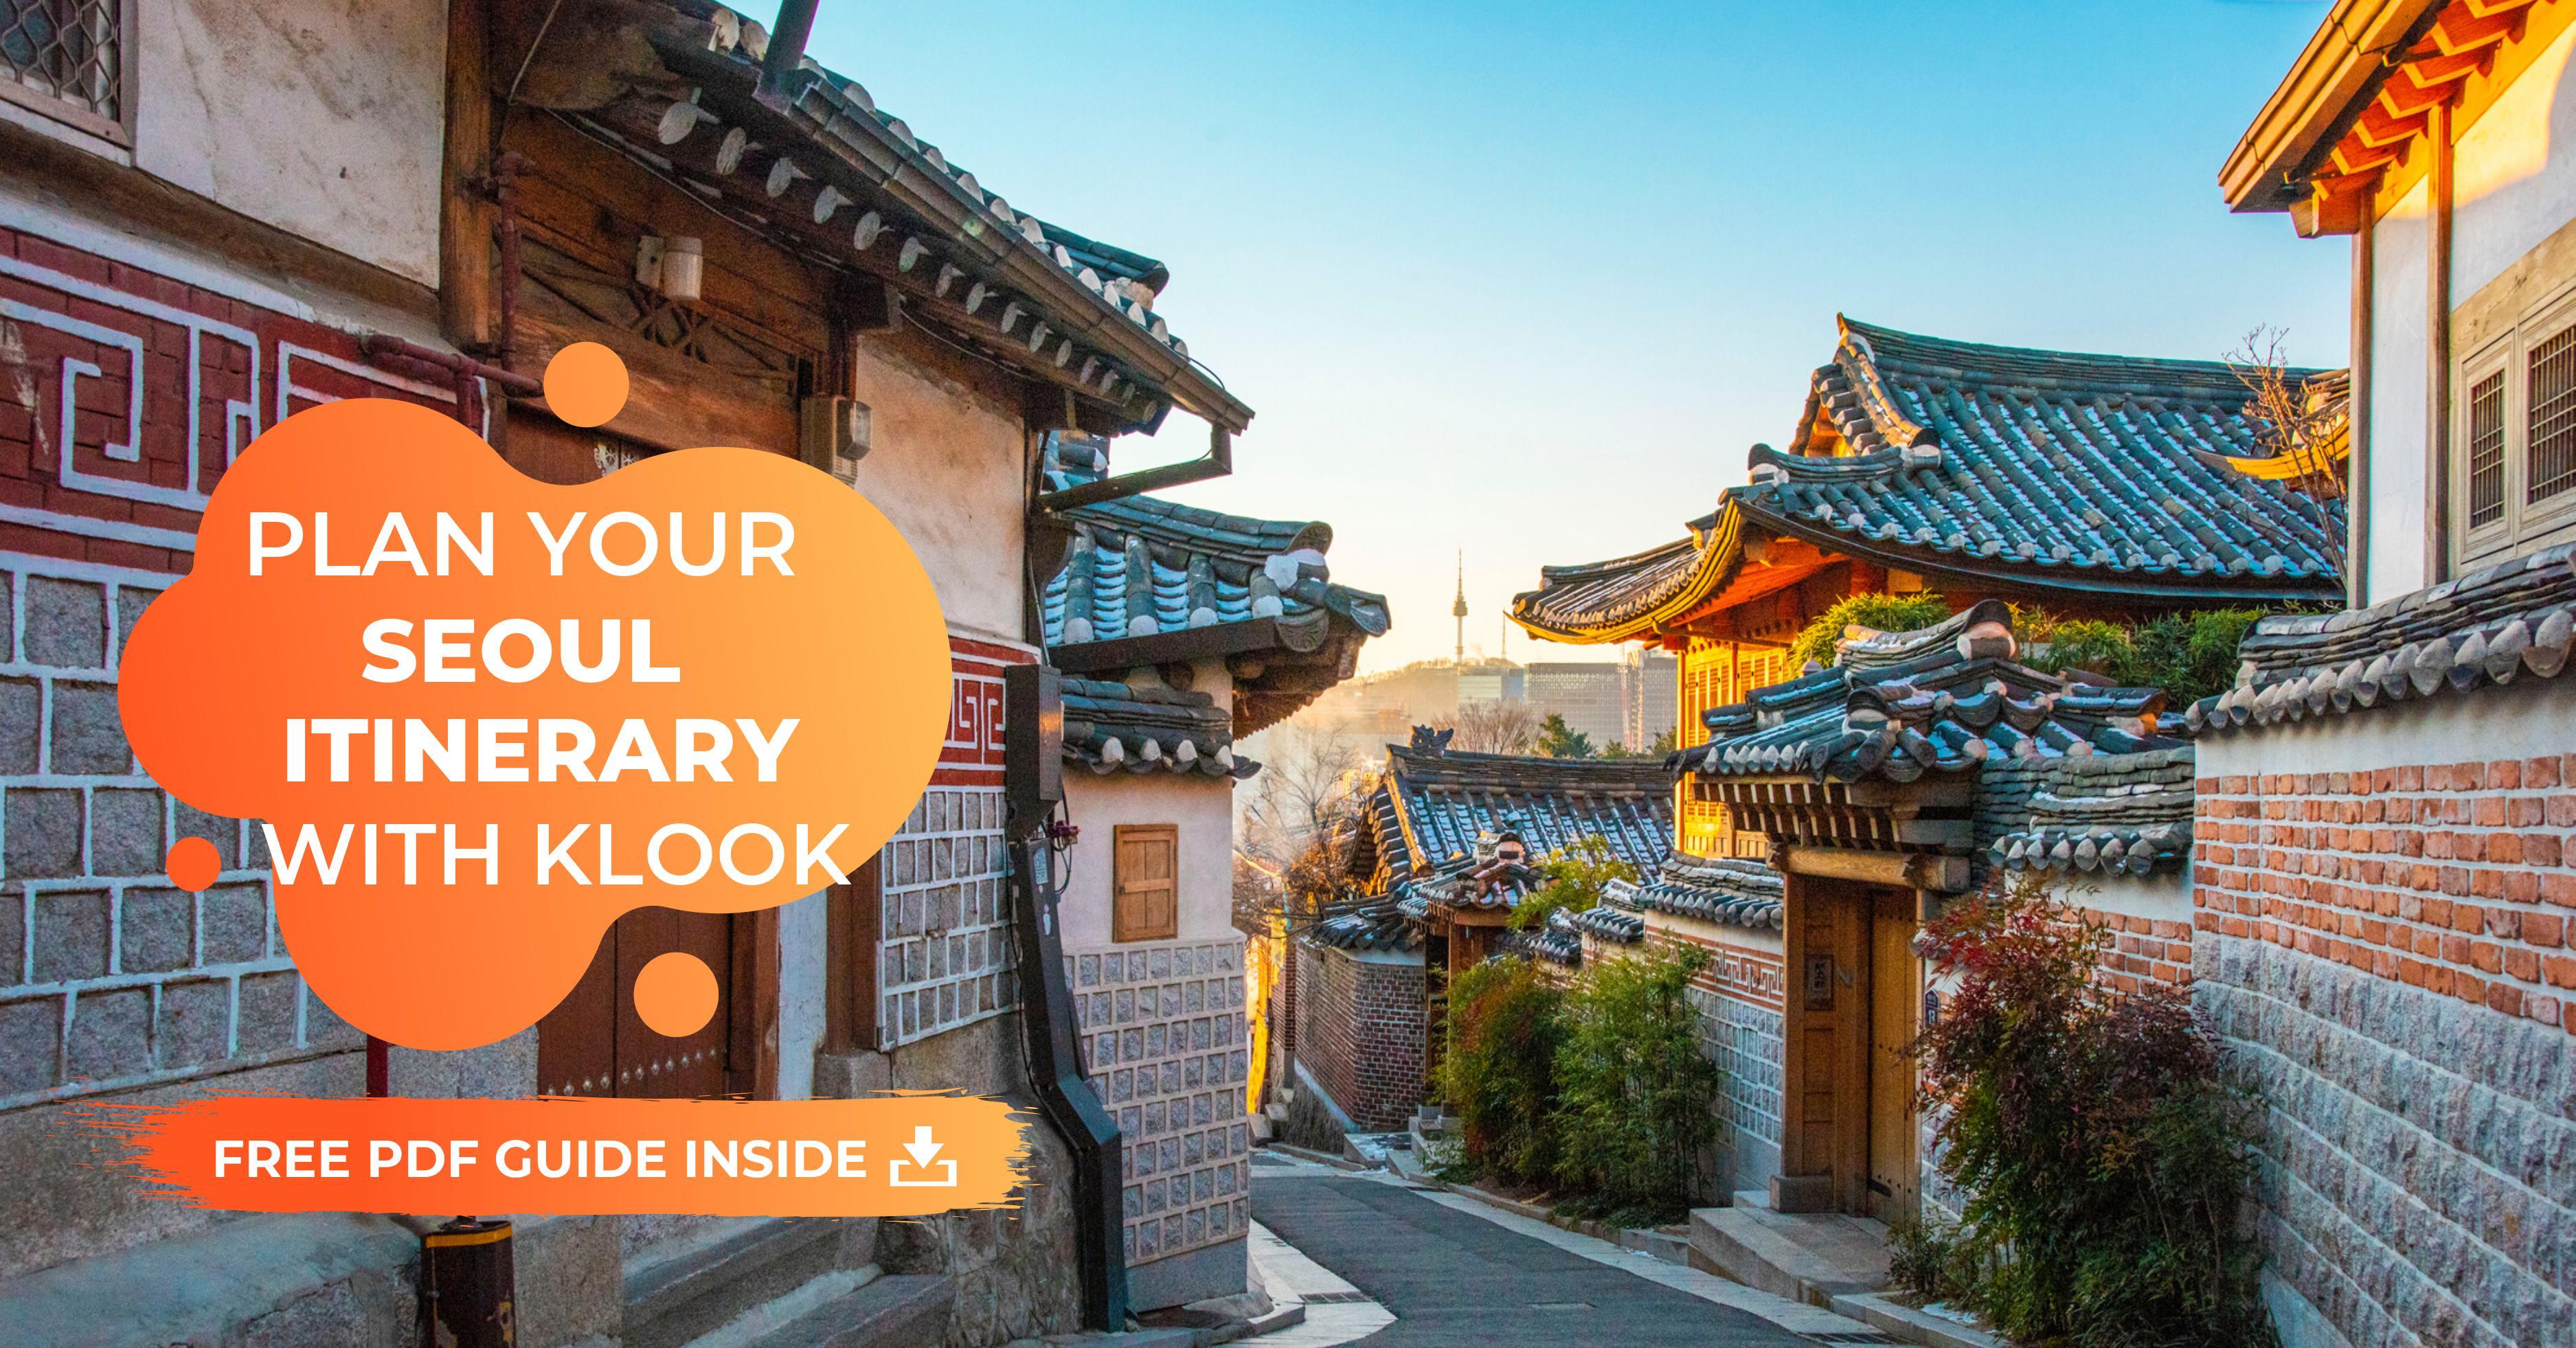 seoul itinerary pdf guide